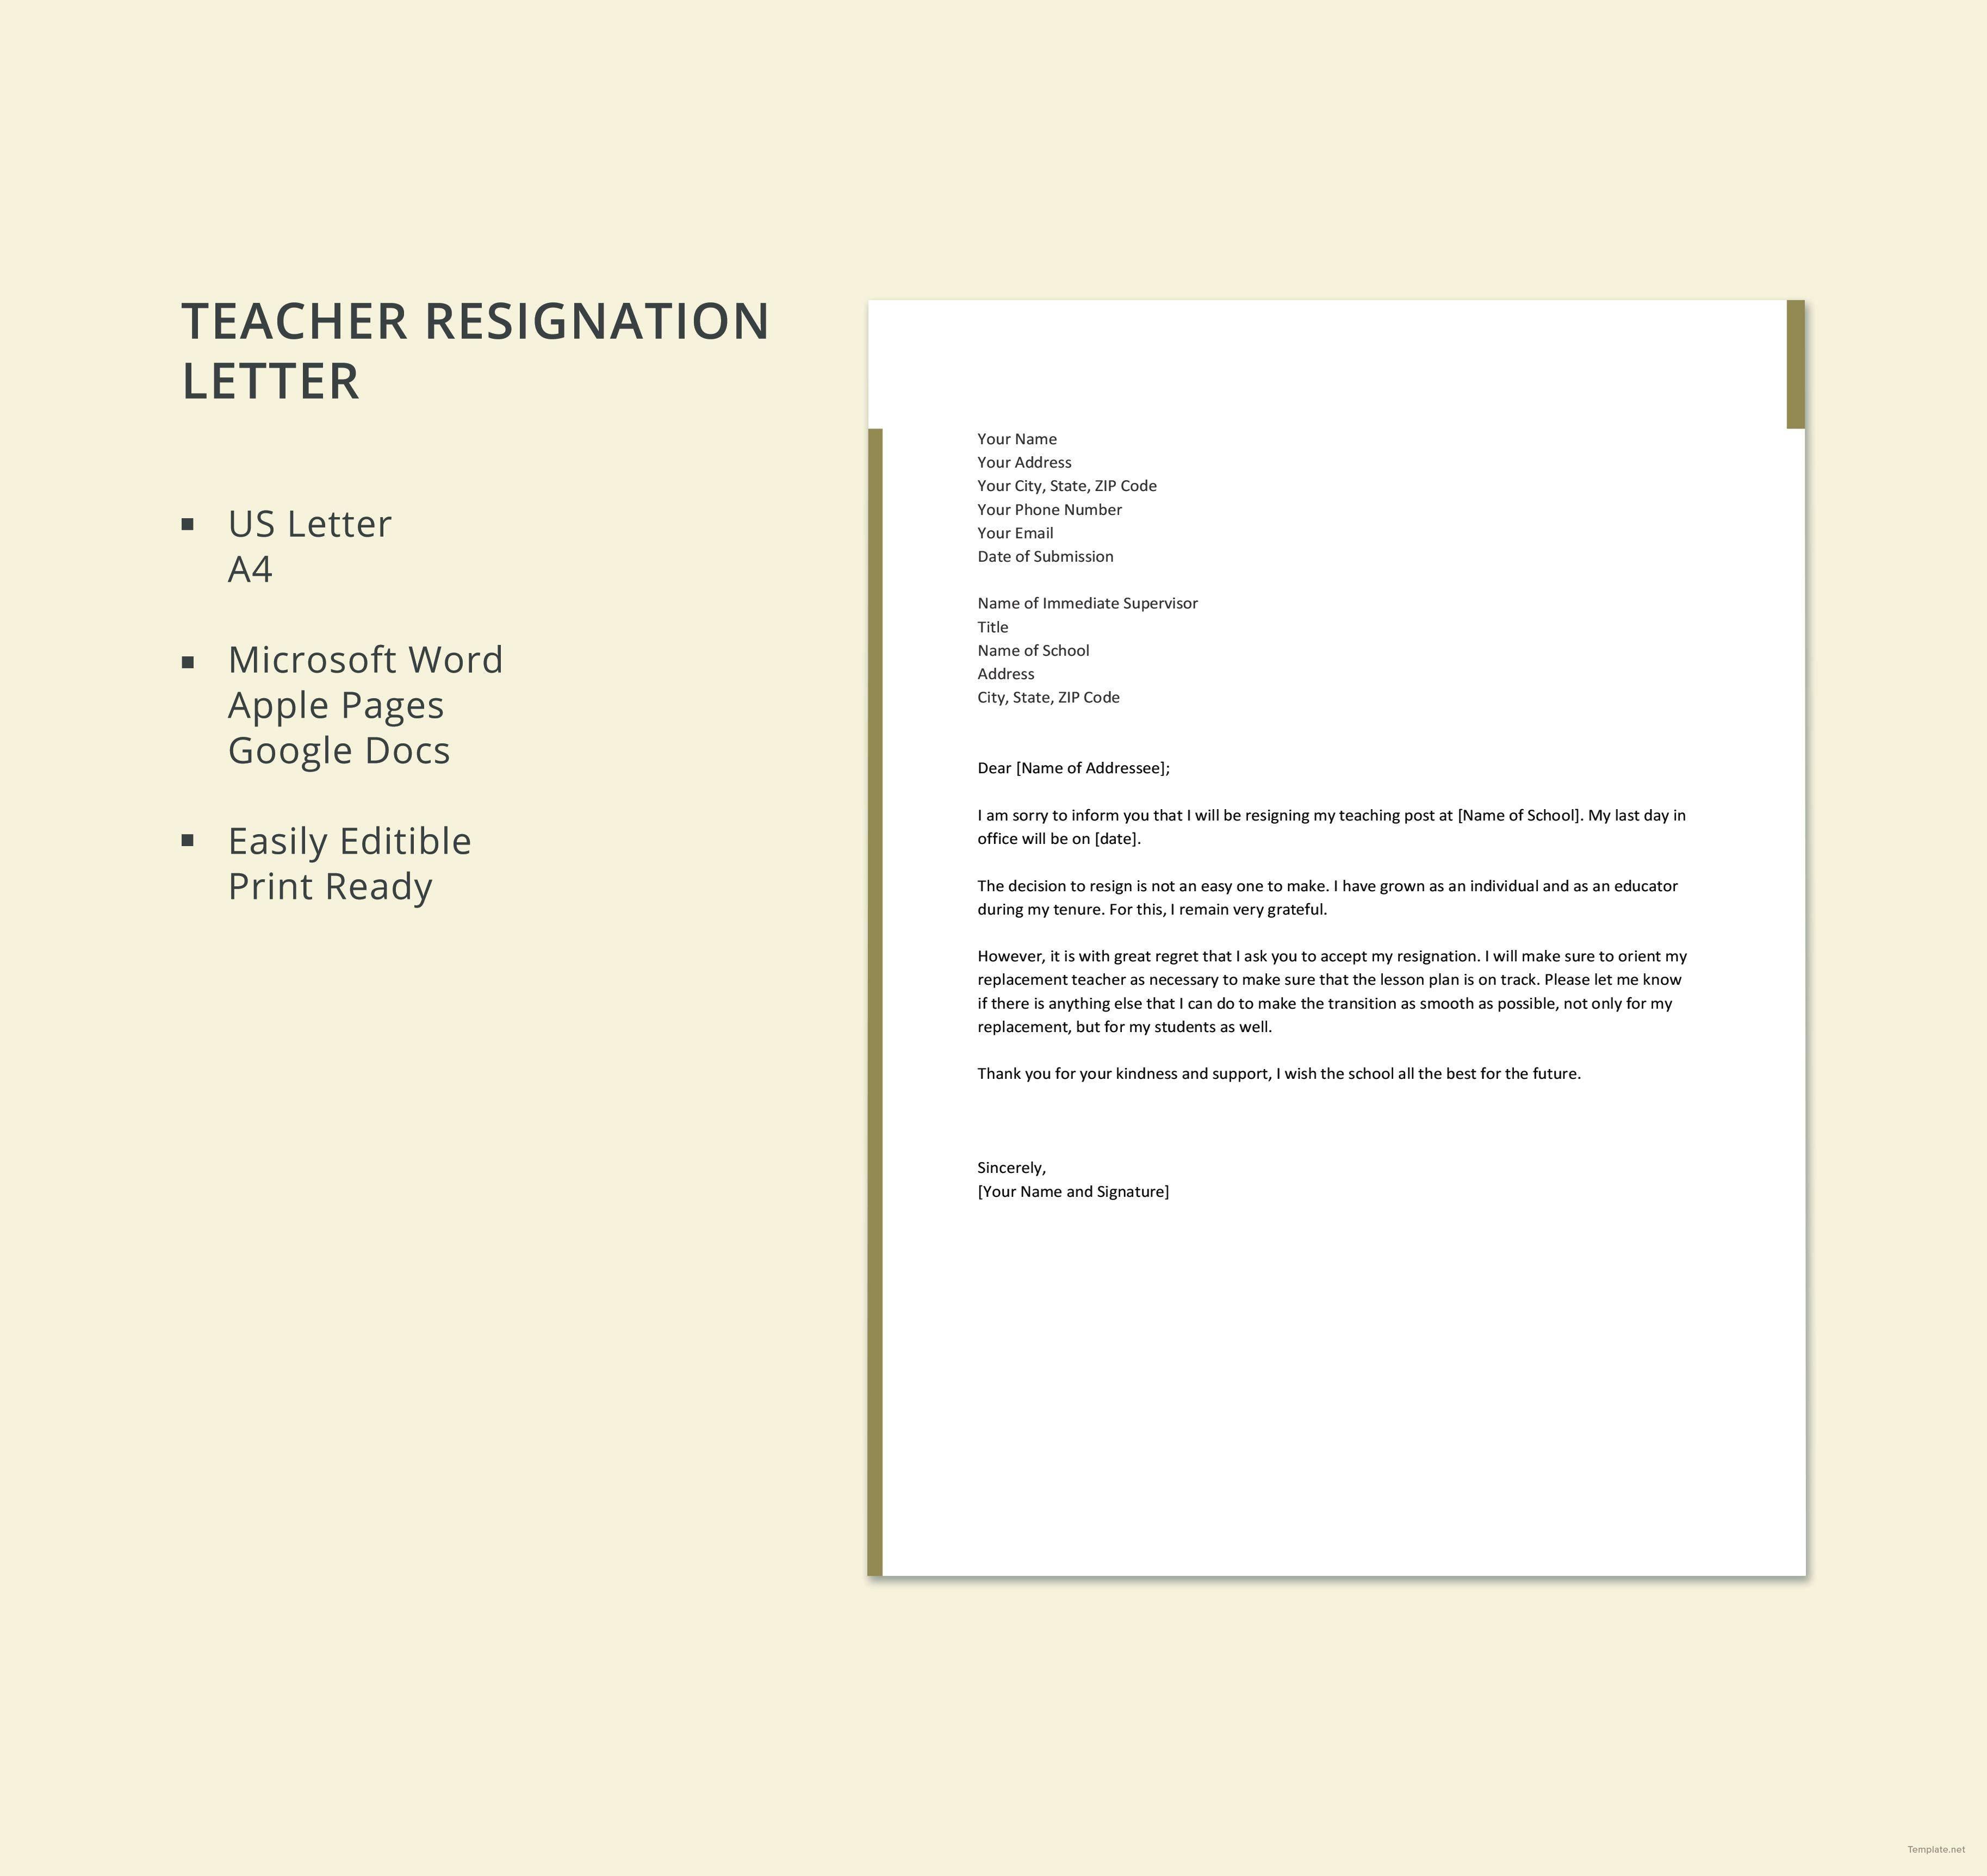 Teacher Resignation Letter Template Free